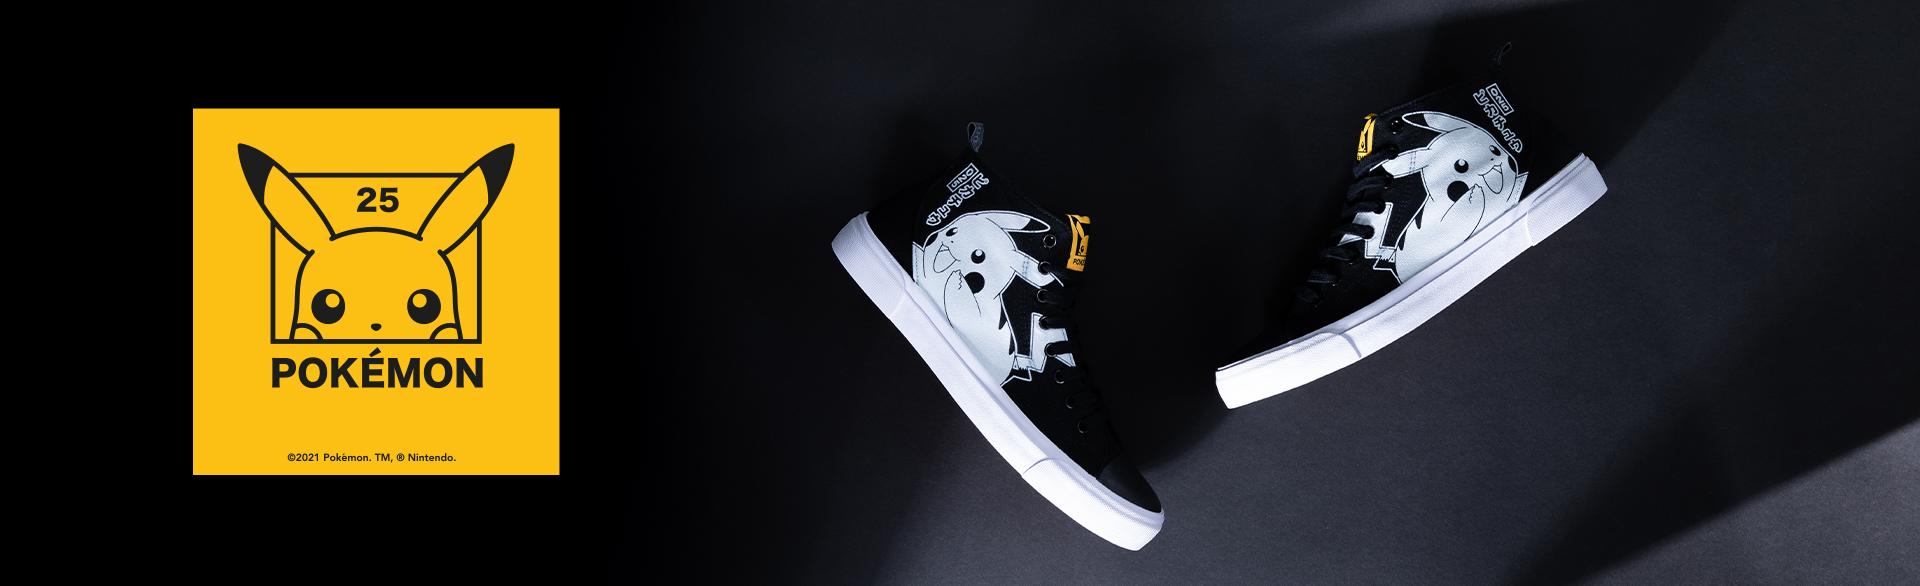 Zavii-shoes.jpg